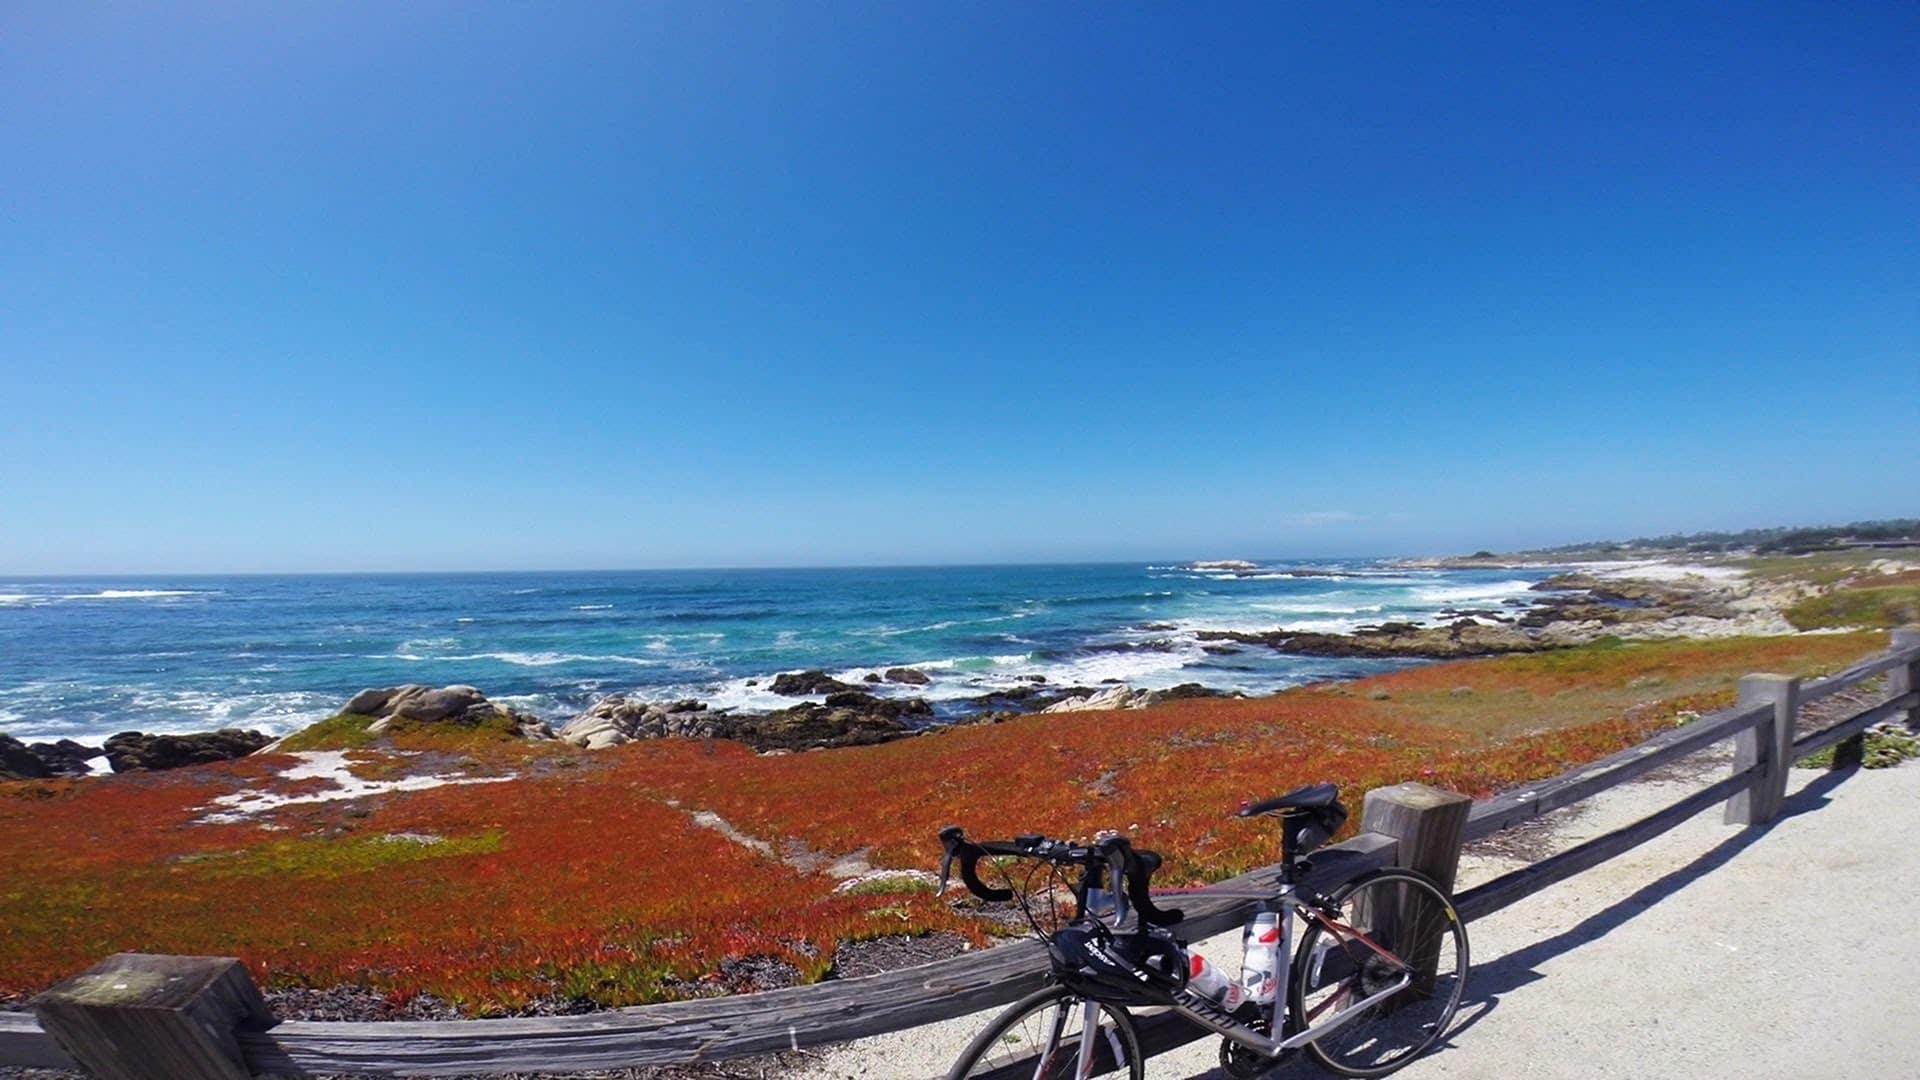 O Que Fazer em Monterey: Tour de Bicicleta